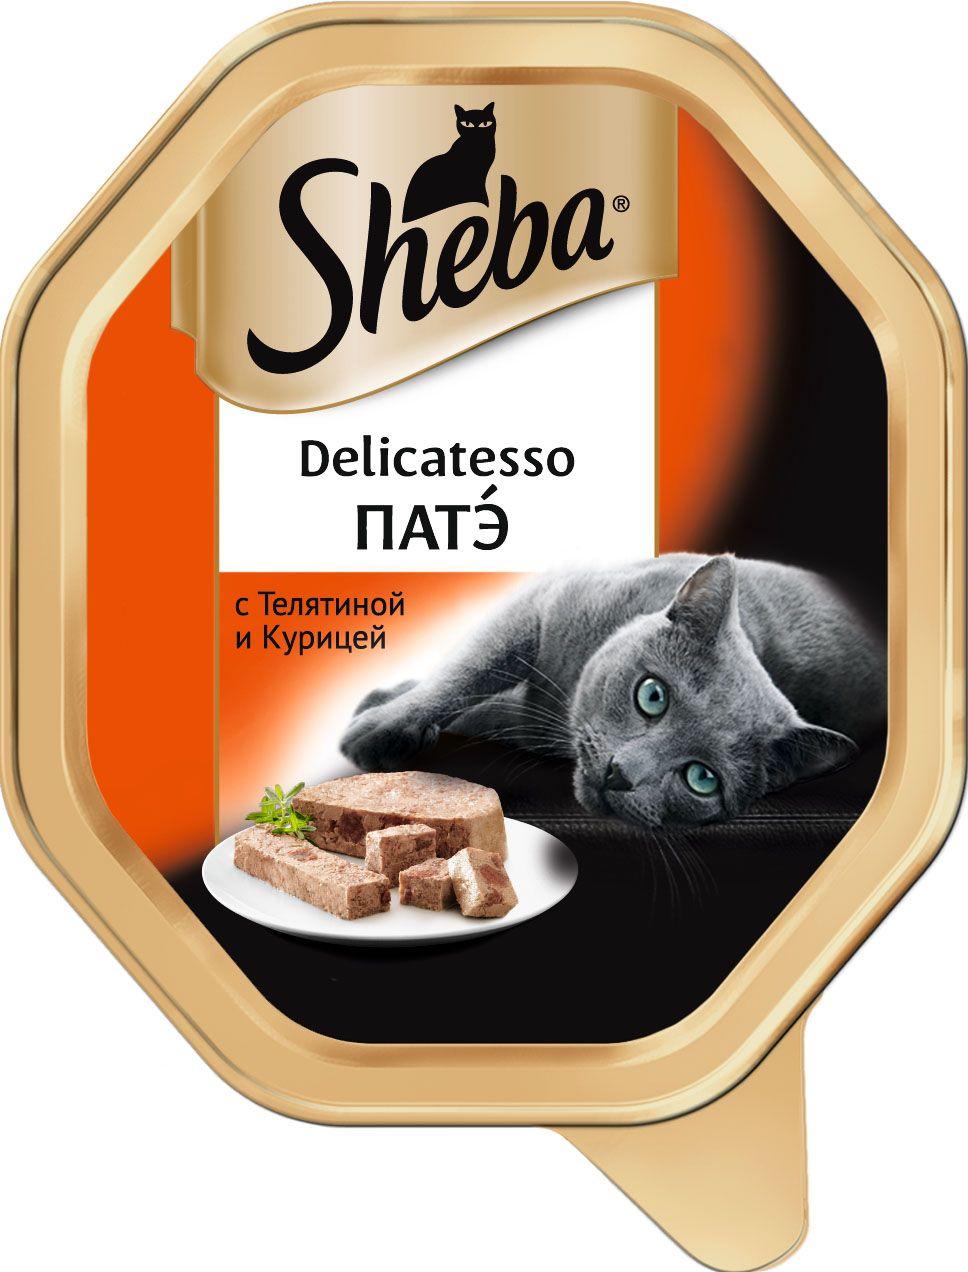 Корм консервированный Sheba Delicatesso, для взрослых кошек, от 1 года, патэ телятина с курицей, 85 г х 22 шт80688Что выберет ваша кошка сегодня – патэ или фрикассе? Встречайте пленительную новинку от Sheba - Delicatesso! Насыщенный мясной вкус и необычное сочетание паштета и мясных ломтиков не оставит вашу любимицу равнодушной, а особая сервировка подчеркнет все богатство вкуса изысканного деликатеса!